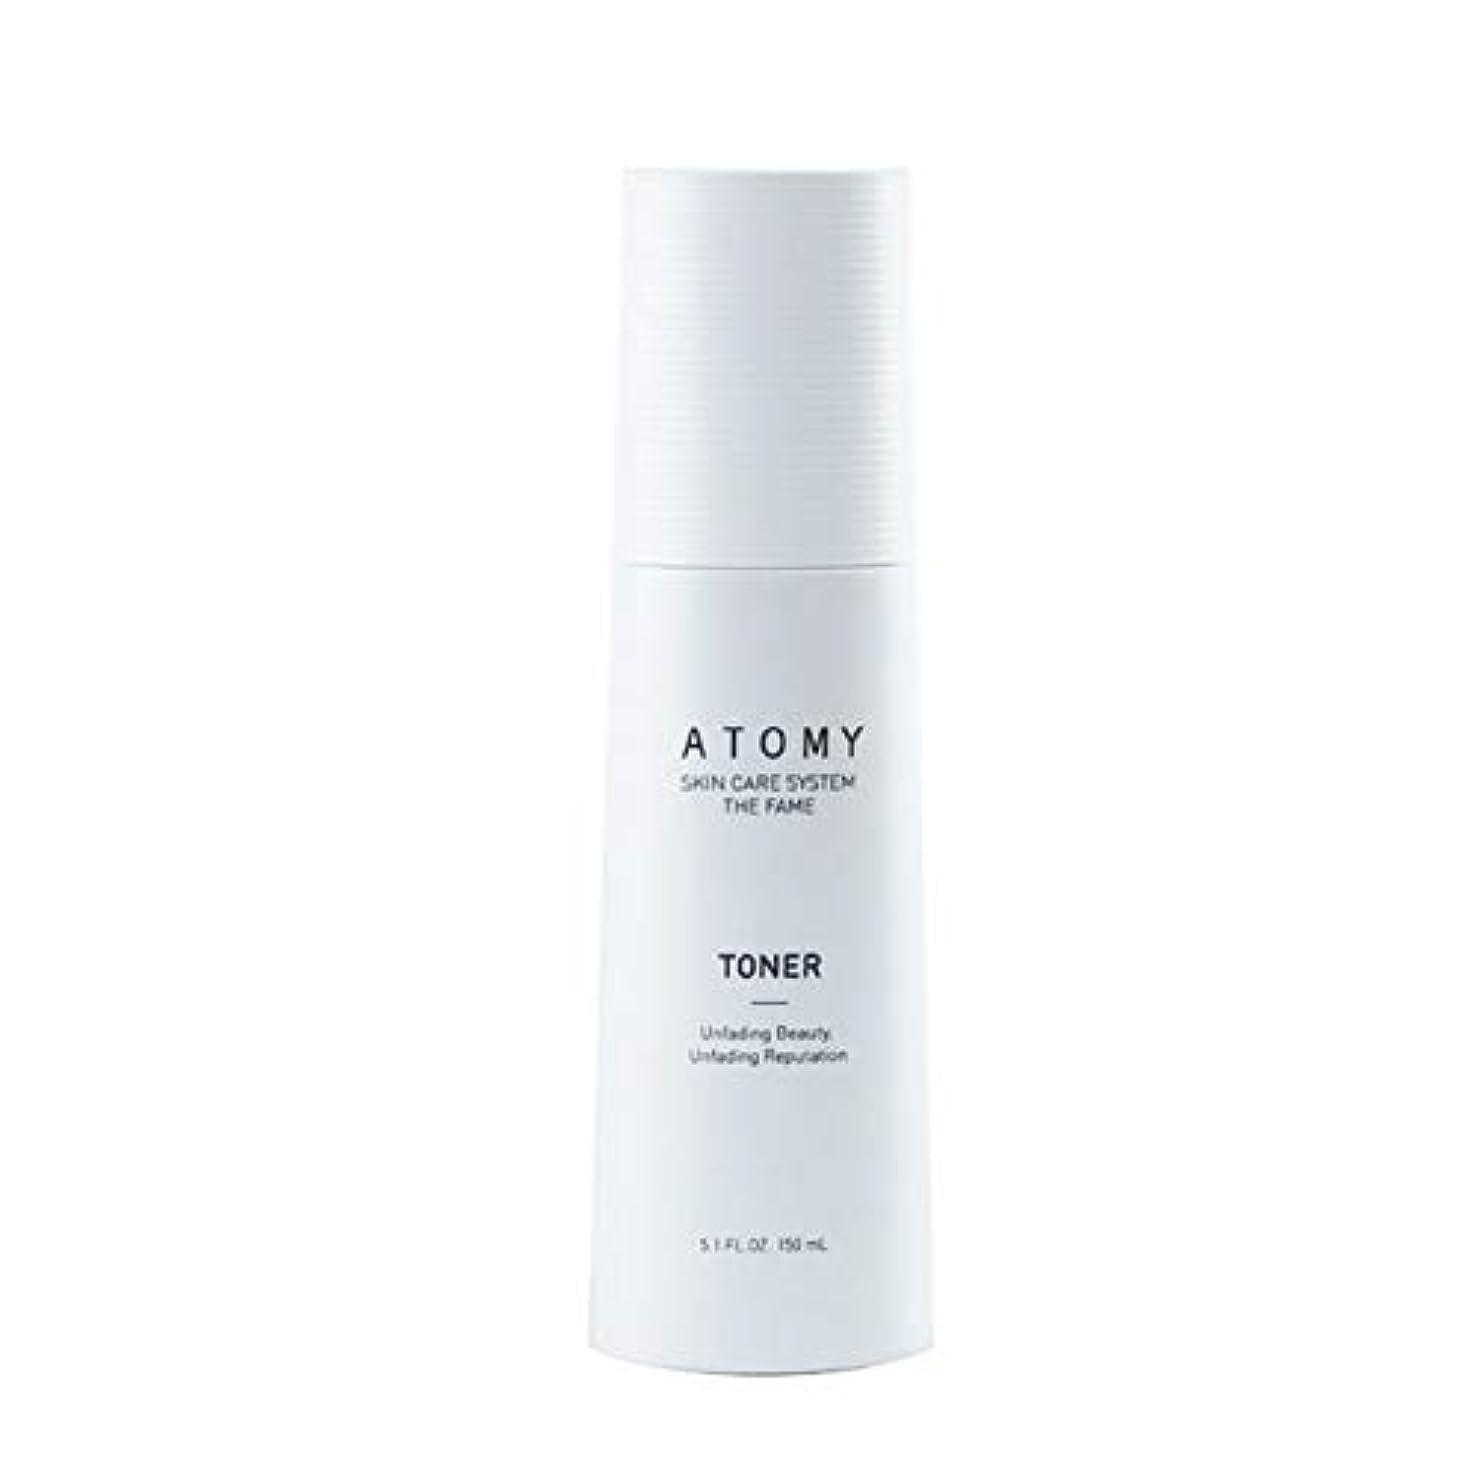 旅行大胆不敵参加者アトミザ?フェームトナー150ml韓国コスメ、Atomy The Fame Toner 150ml Korean Cosmetics [並行輸入品]